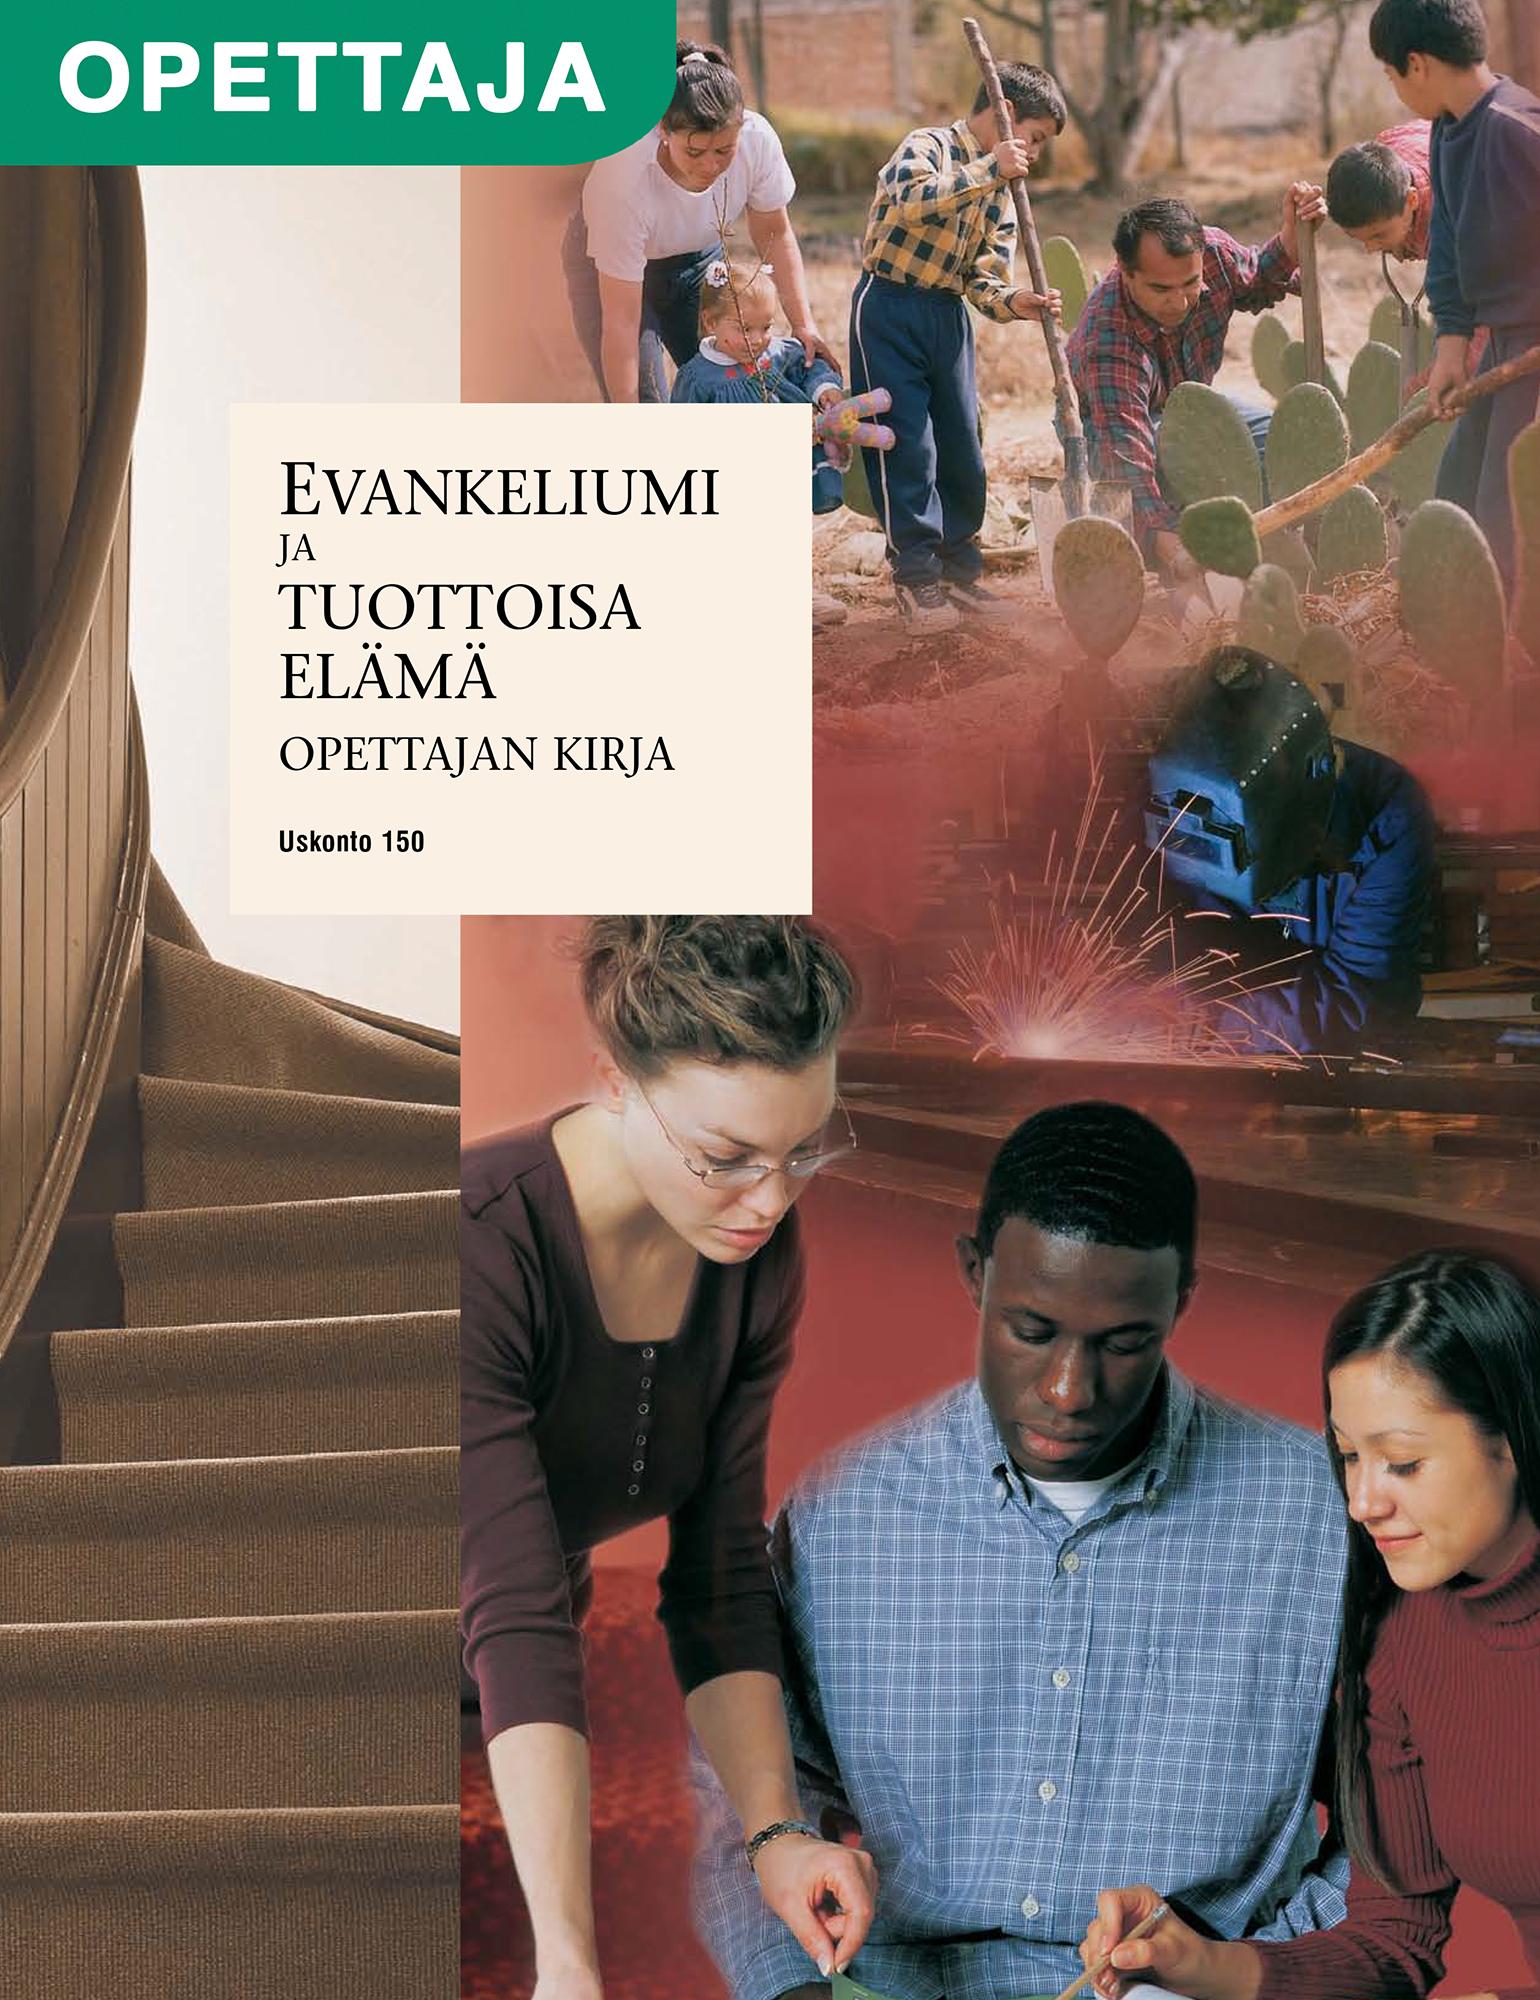 Evankeliumi ja tuottoisa elämä, opettajan kirja (Uskonto 150)